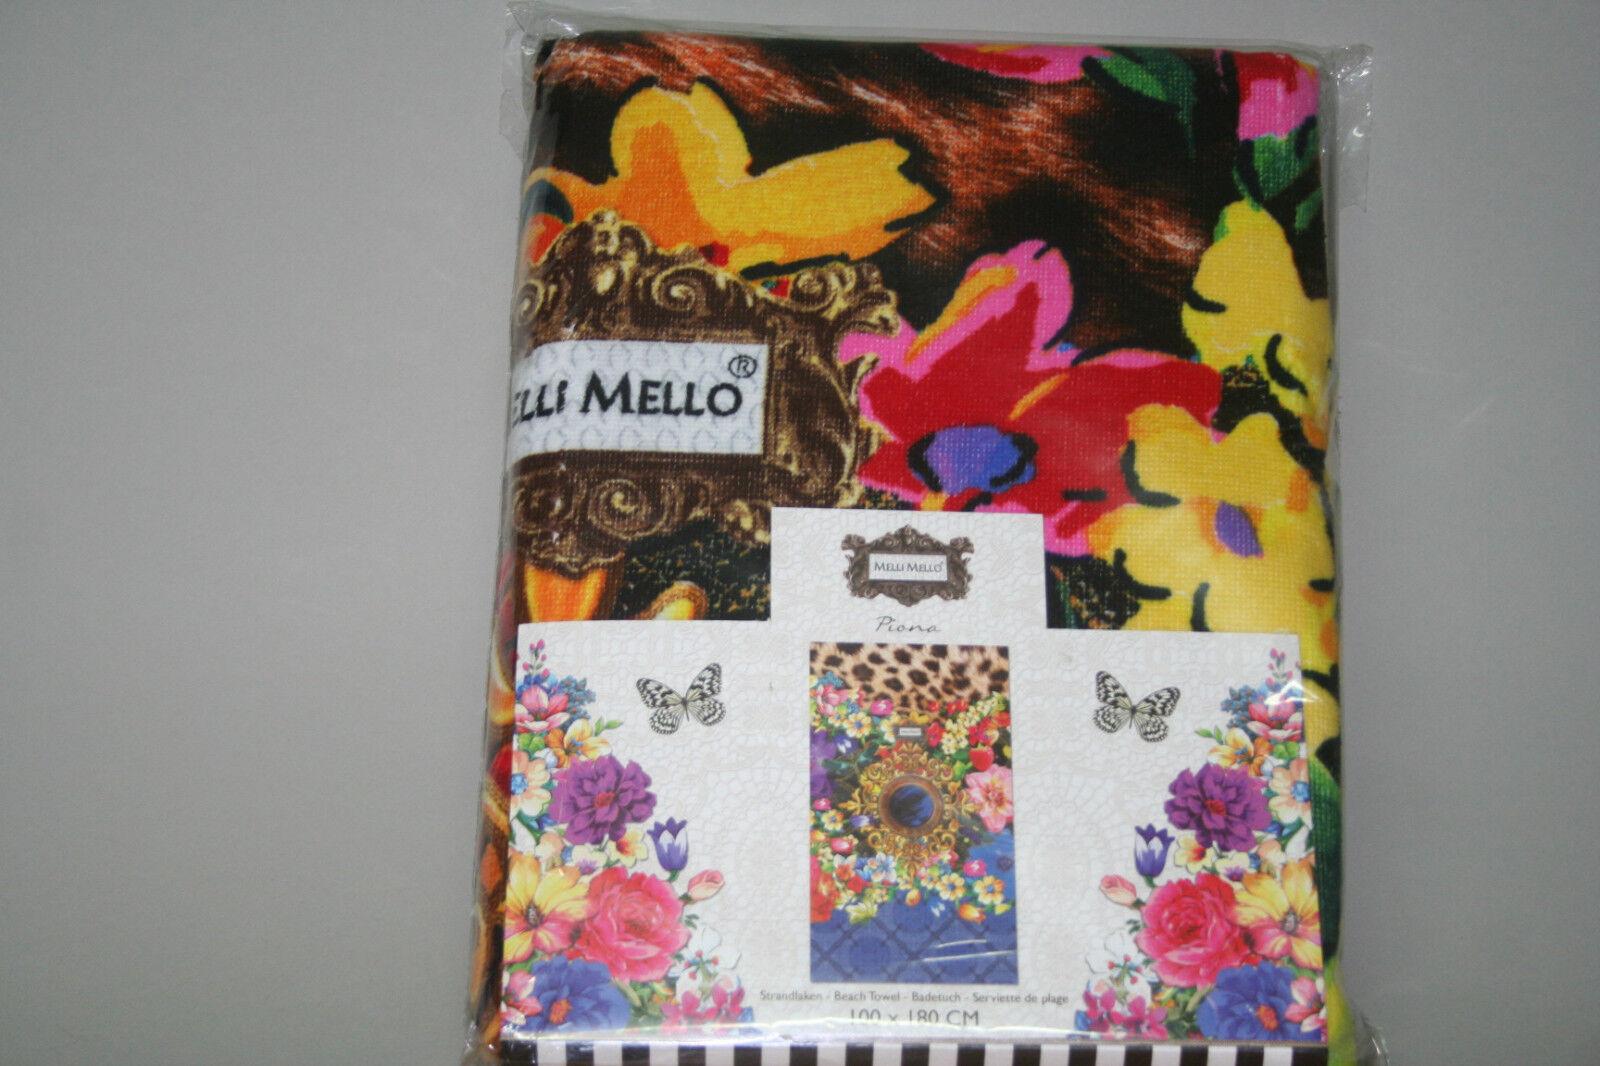 Strandtuch, Badelaken Melli Mello Piona     | Lassen Sie unsere Produkte in die Welt gehen